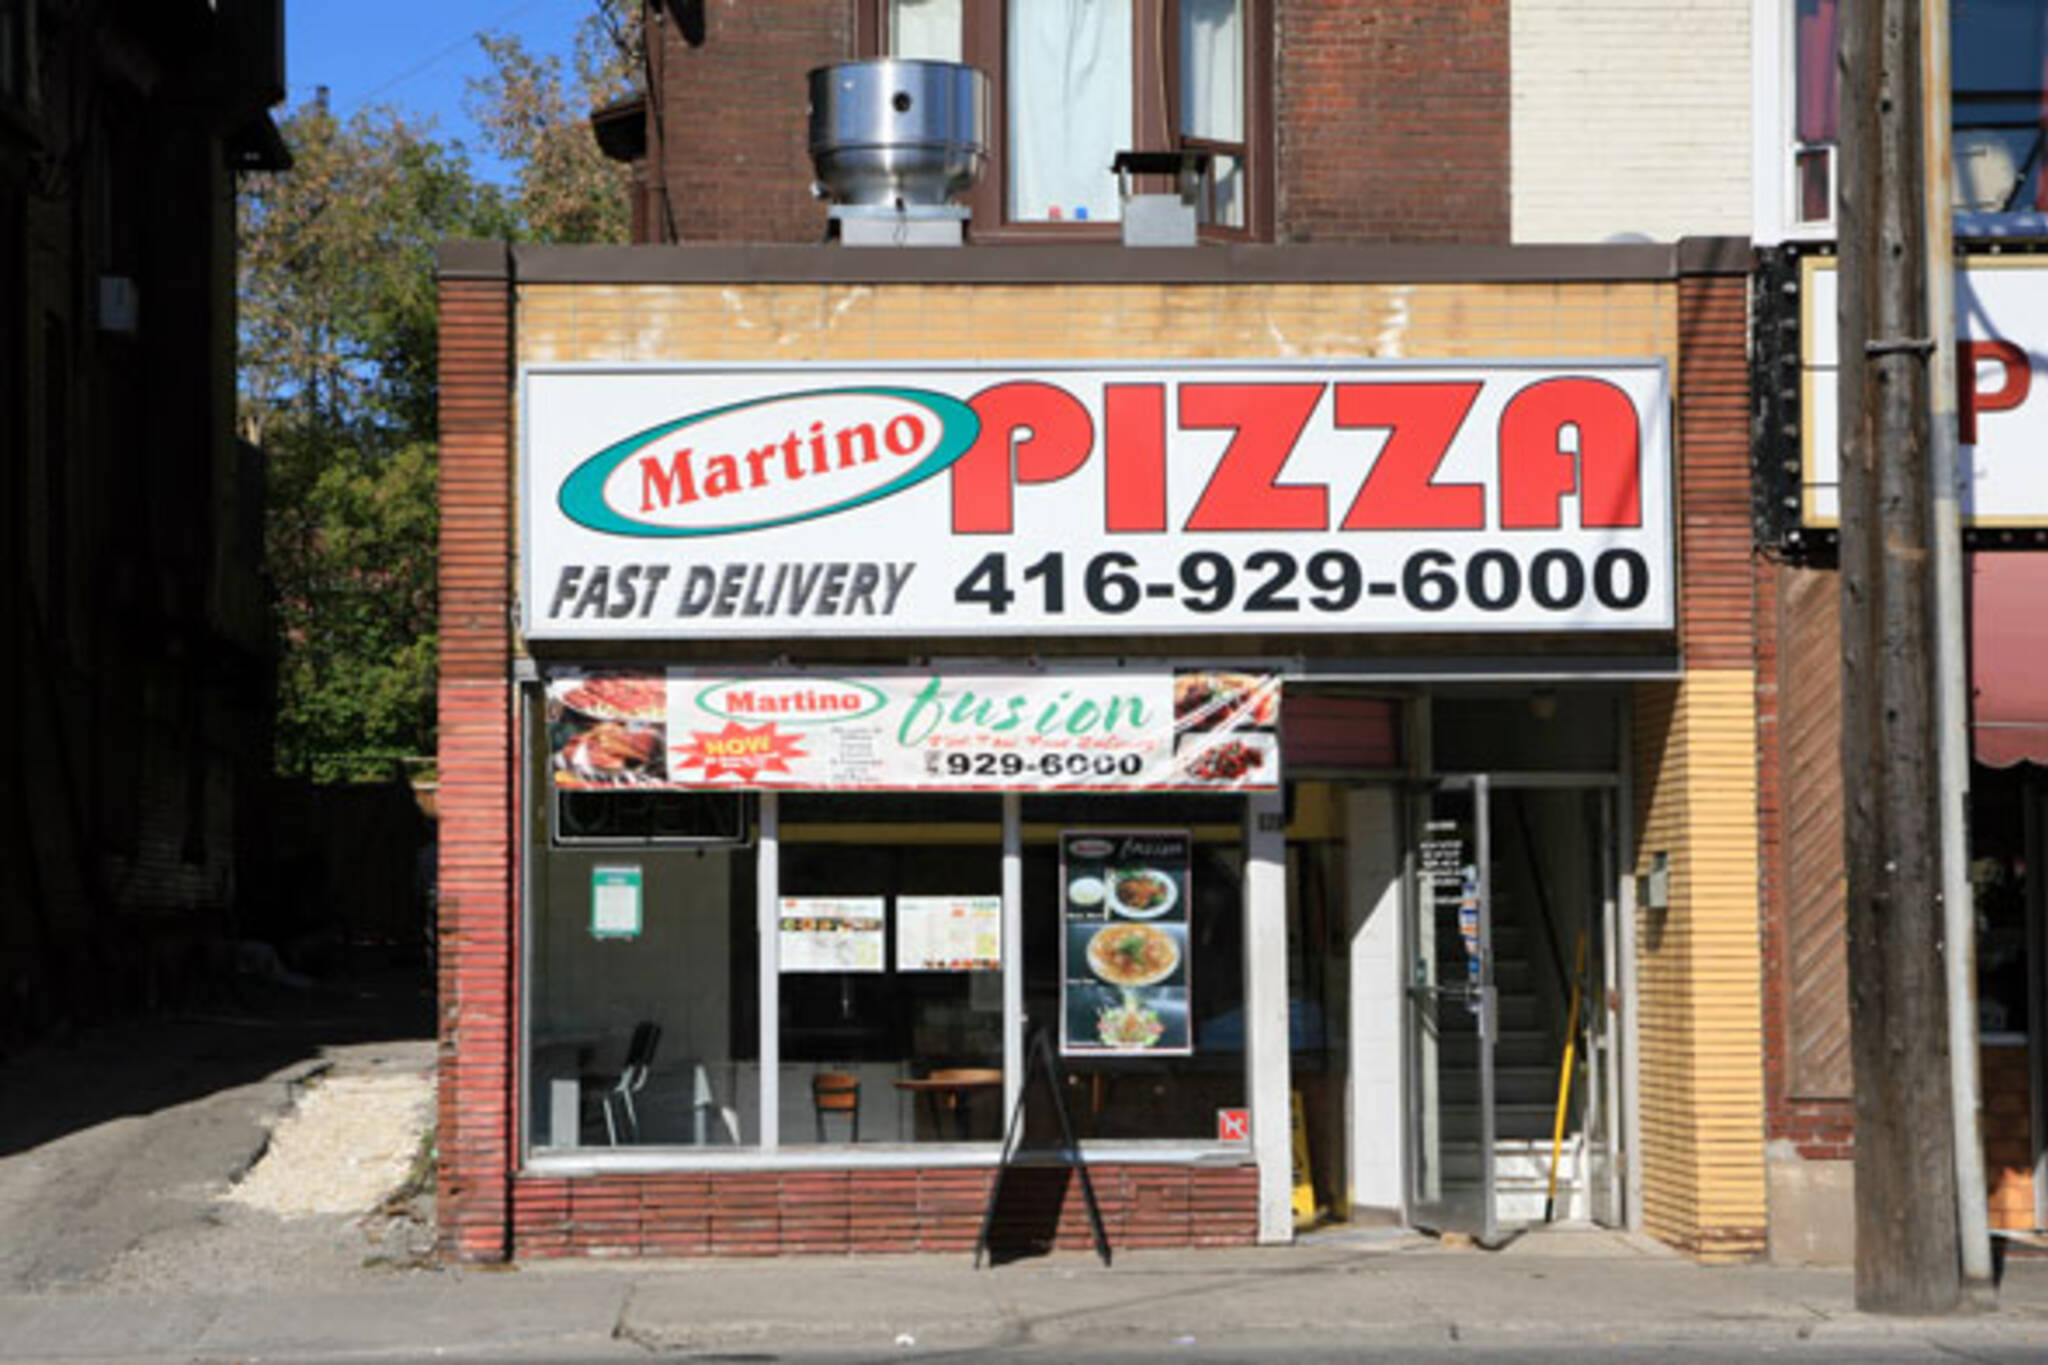 Martino Pizza